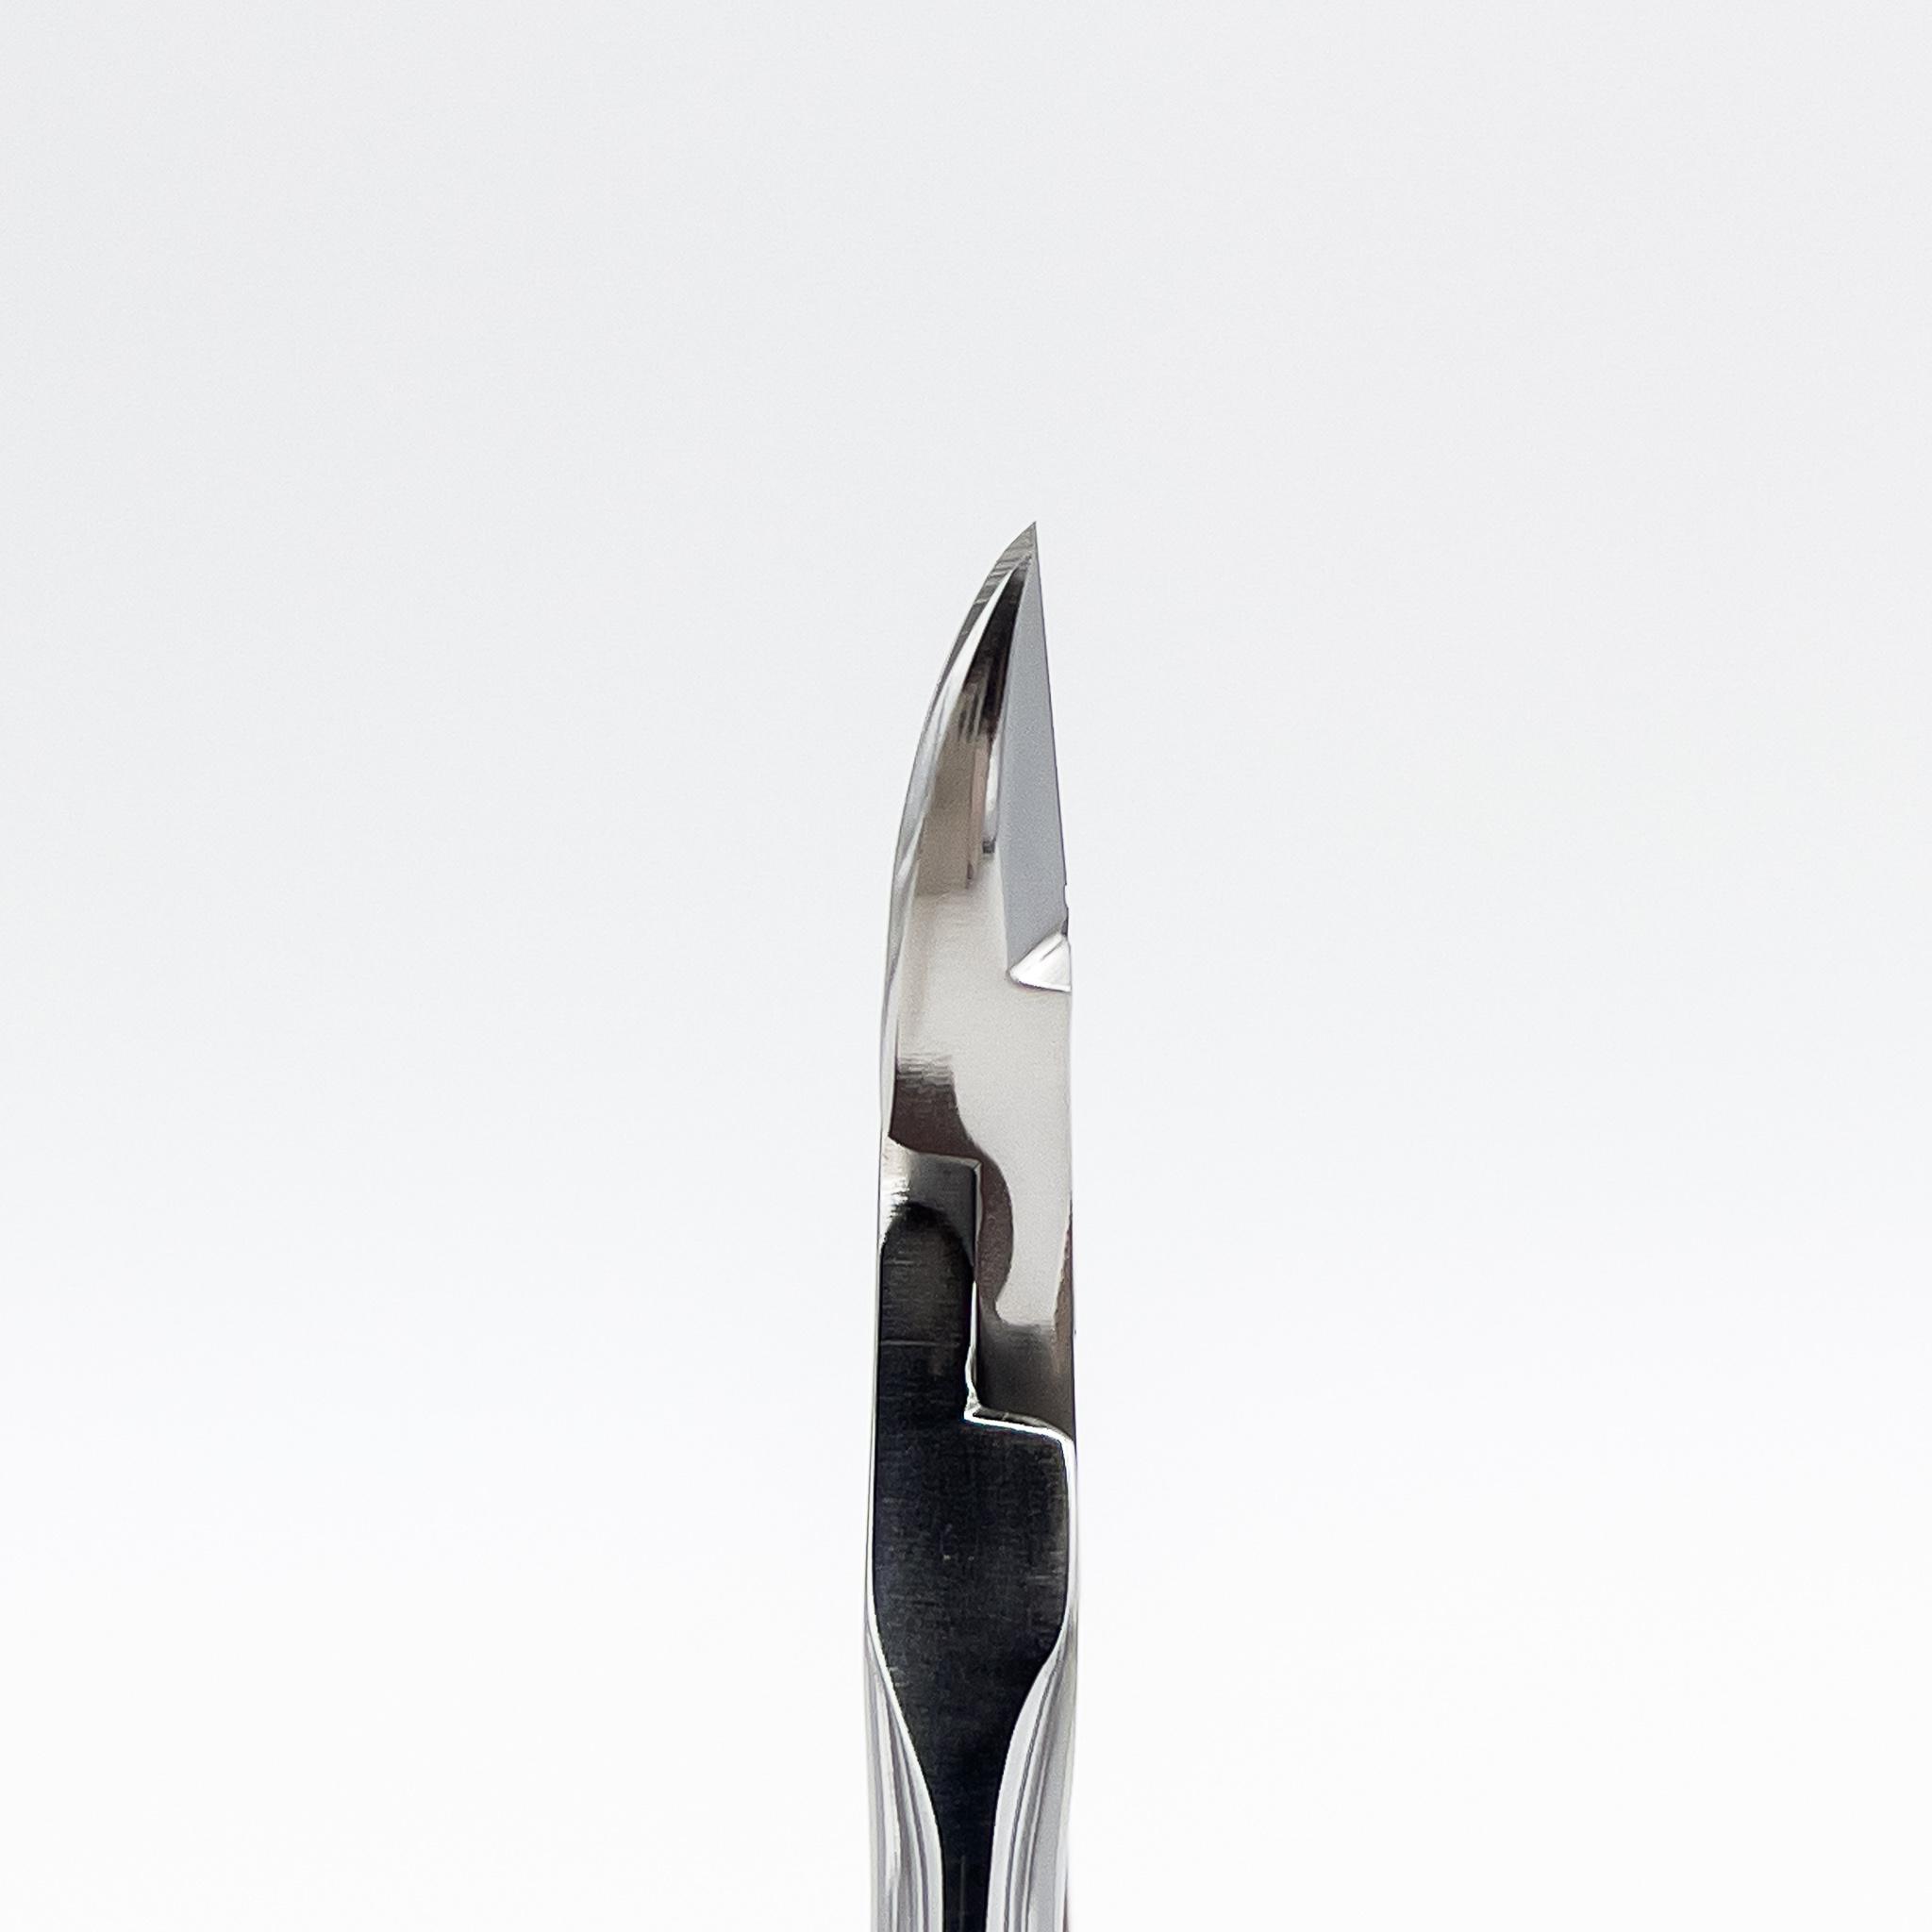 STALENA Pince à ongles droite, medium avec poignée ergonomique K-17 (N7-60-17)